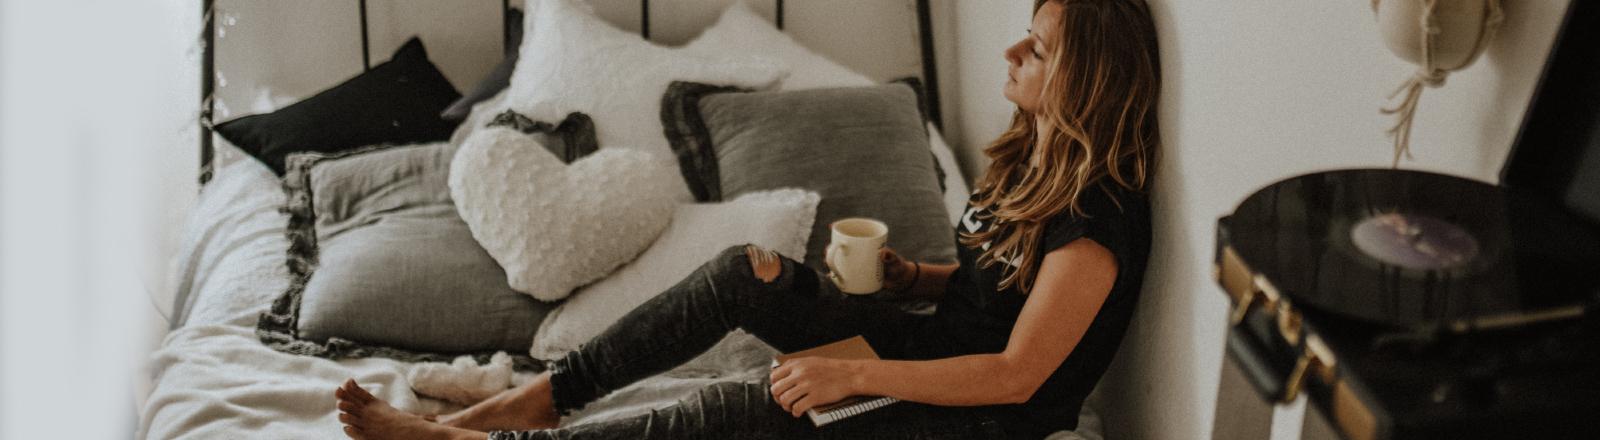 Eine Frau sitzt auf ihrem Bett mit einer Tasse Tee in der Hand